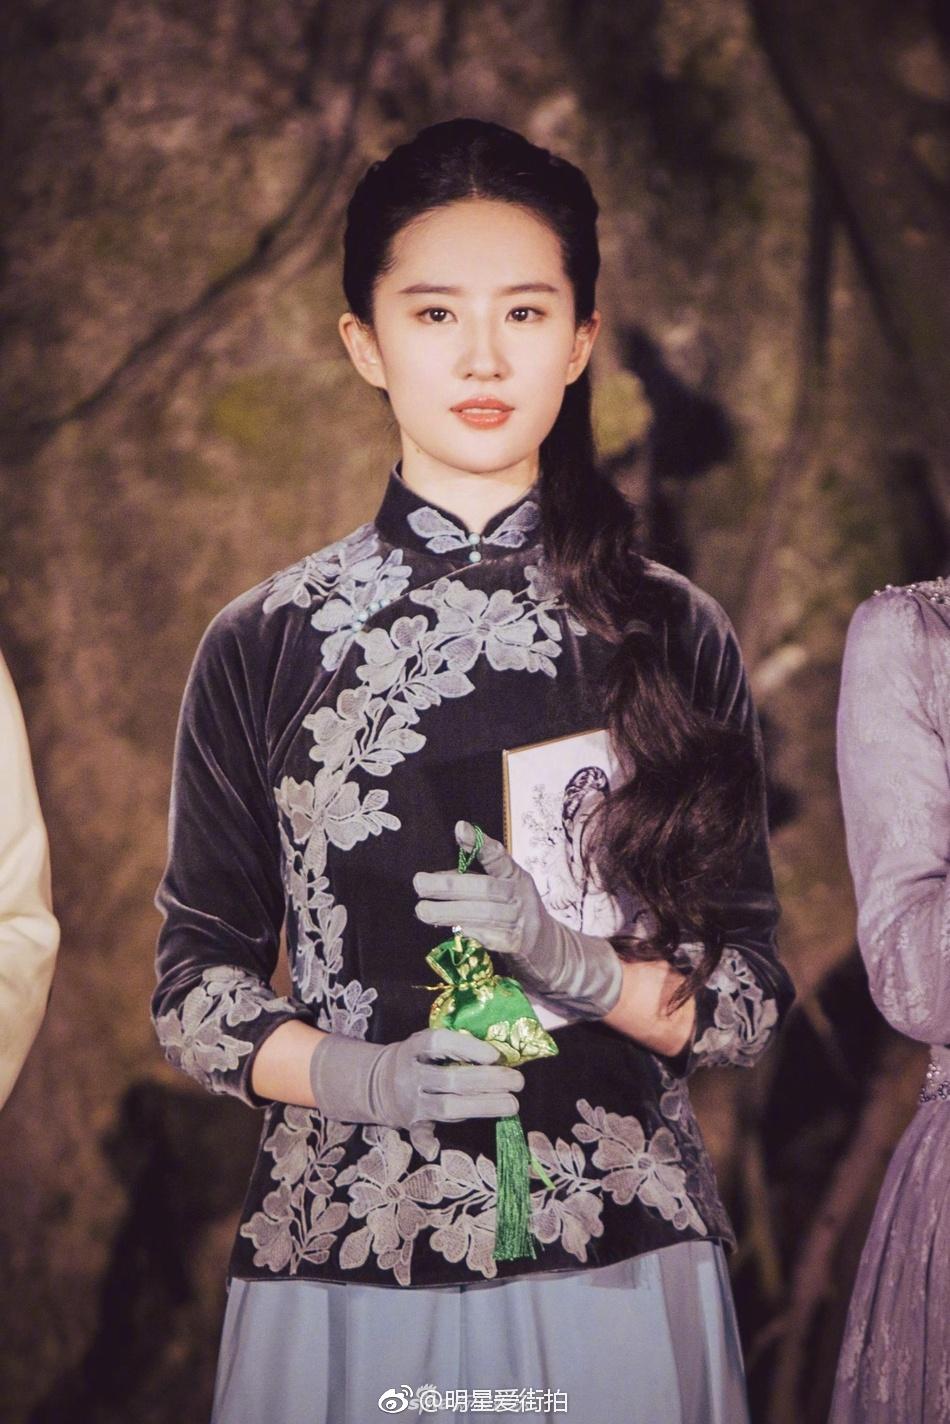 刘亦菲末路民国服饰发布电视剧《南烟斋一身》出席,扎着歪笔录电视剧《全集》辫子爱奇艺图片